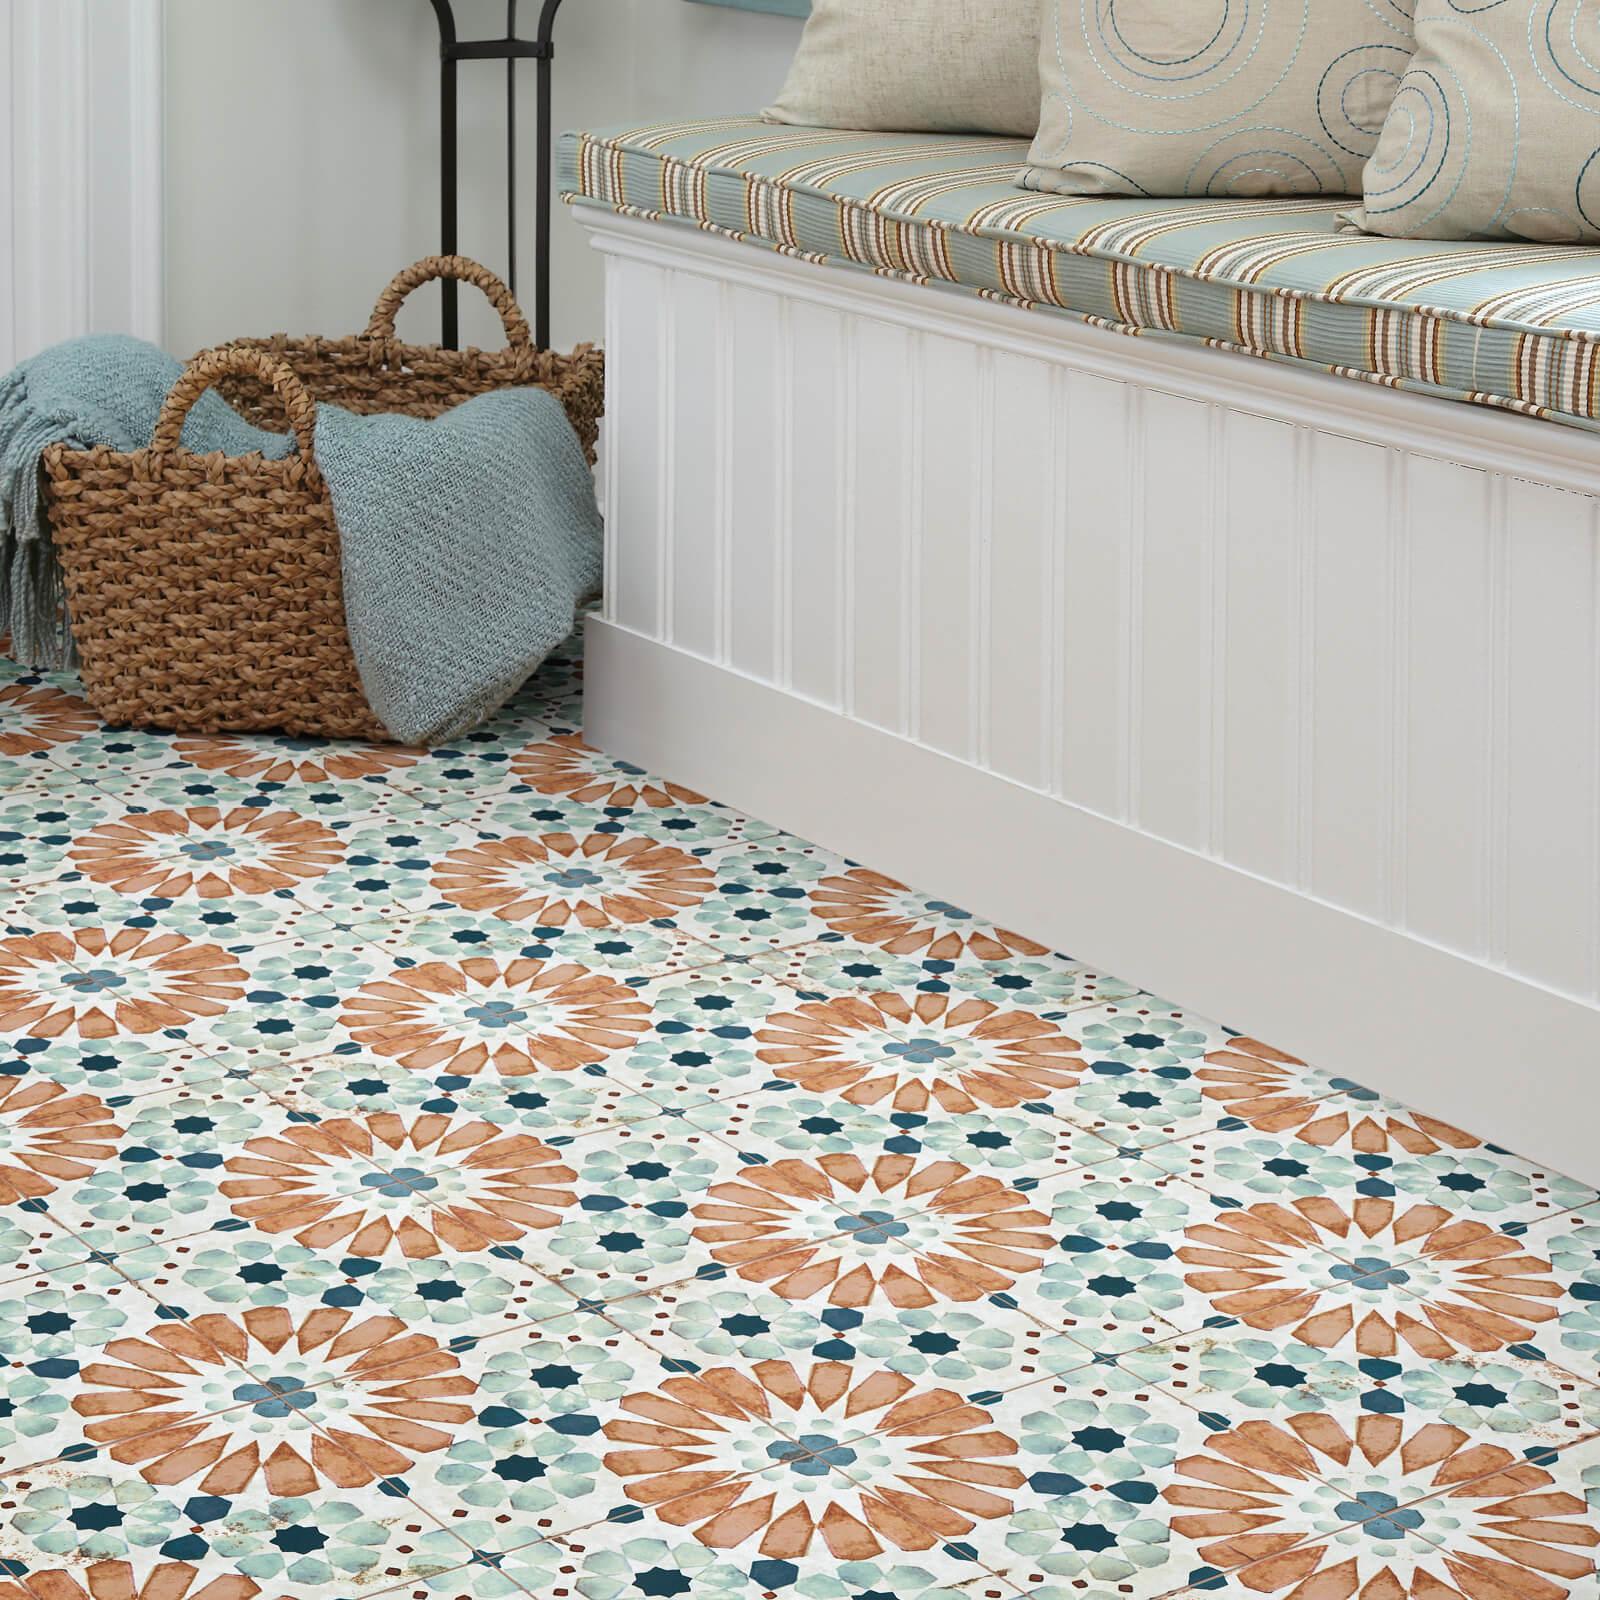 Islander tiles | Hamernick's Interior Solutions